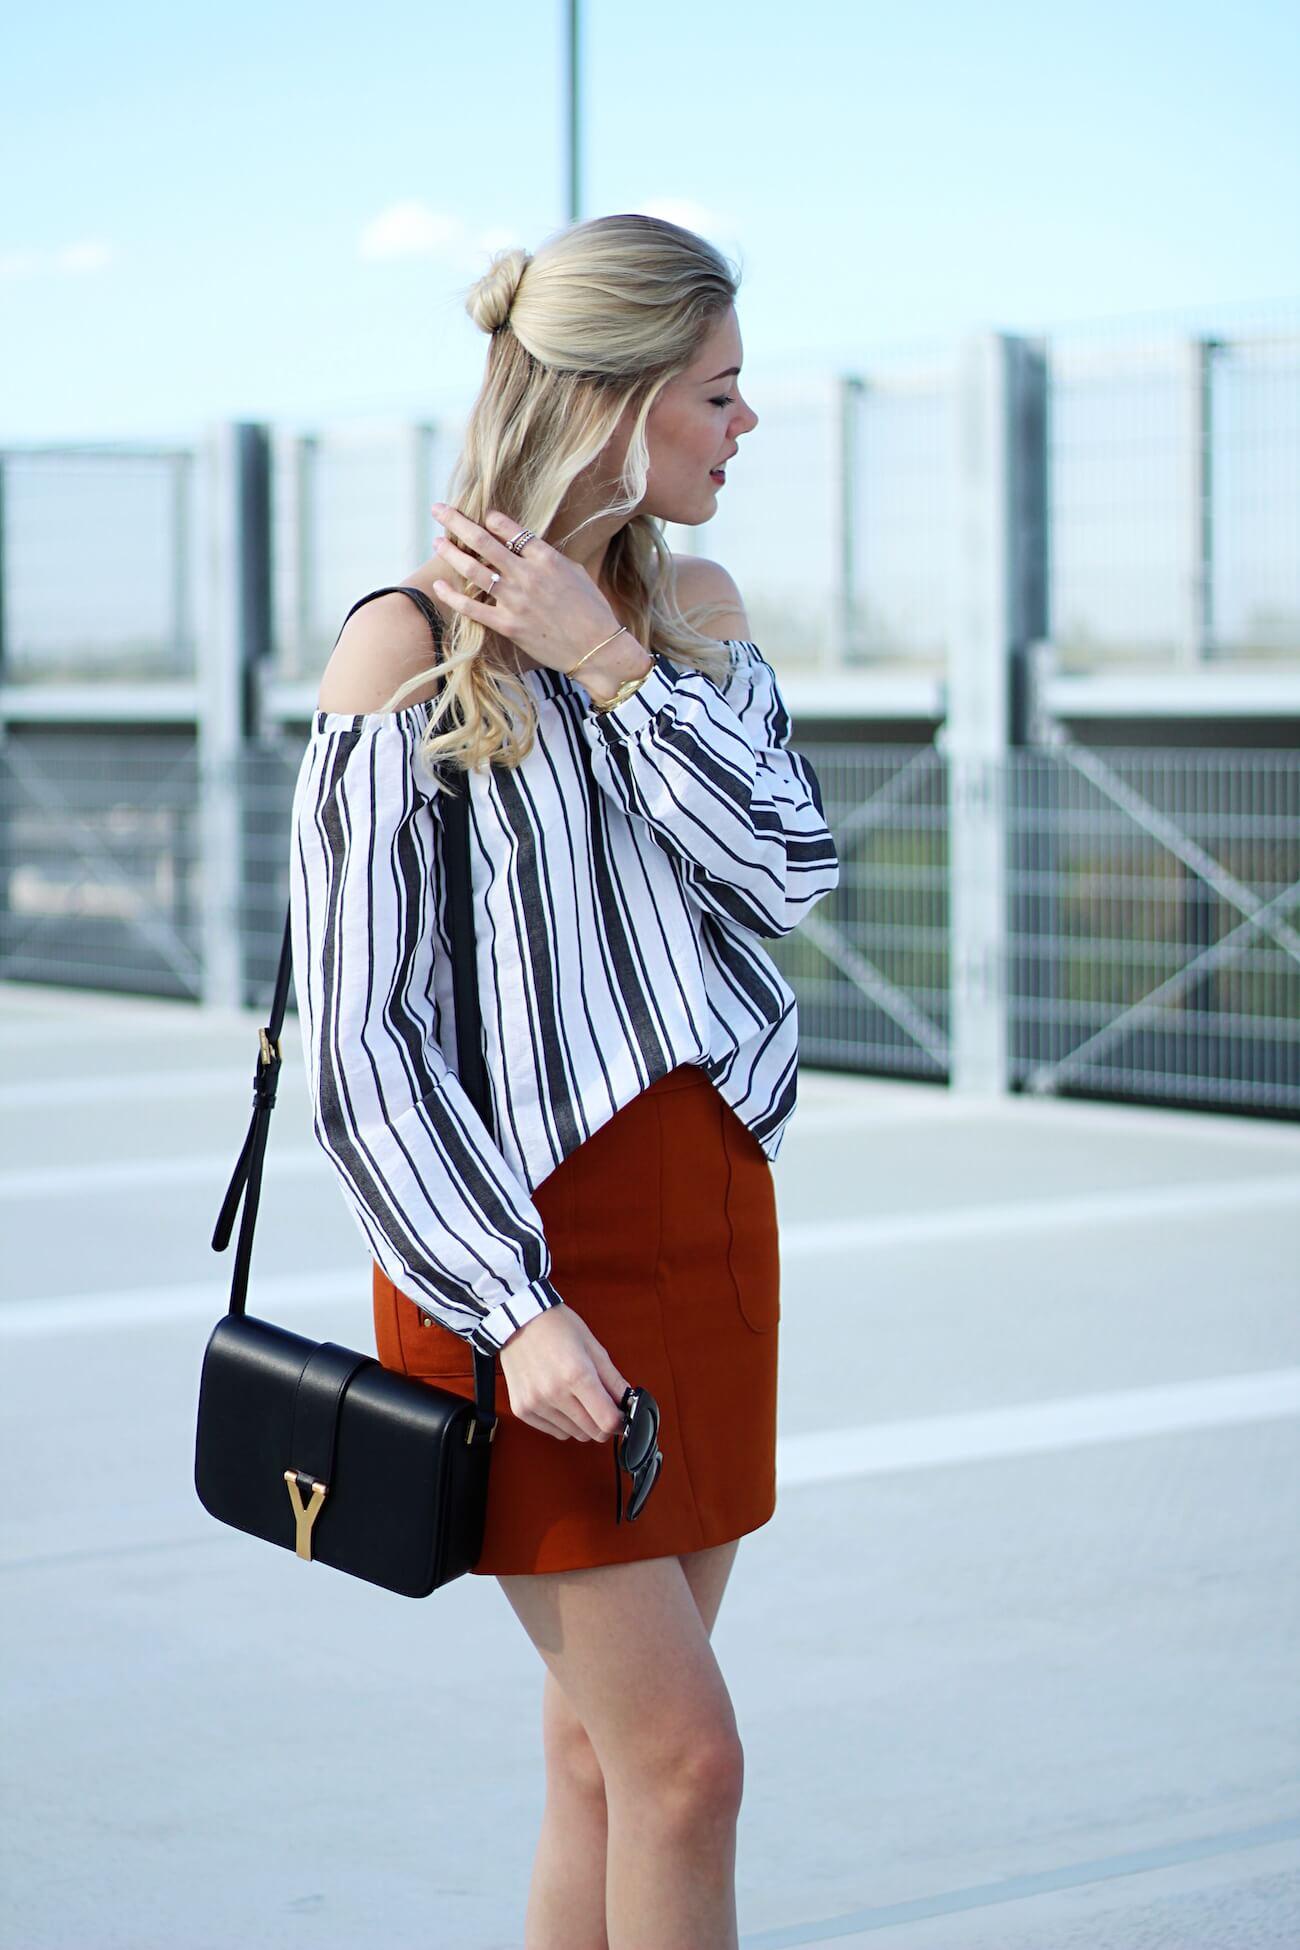 Asos-off-shoulder-blouse-stripes-orange-skirt-H&M-saint-laurent-bag5